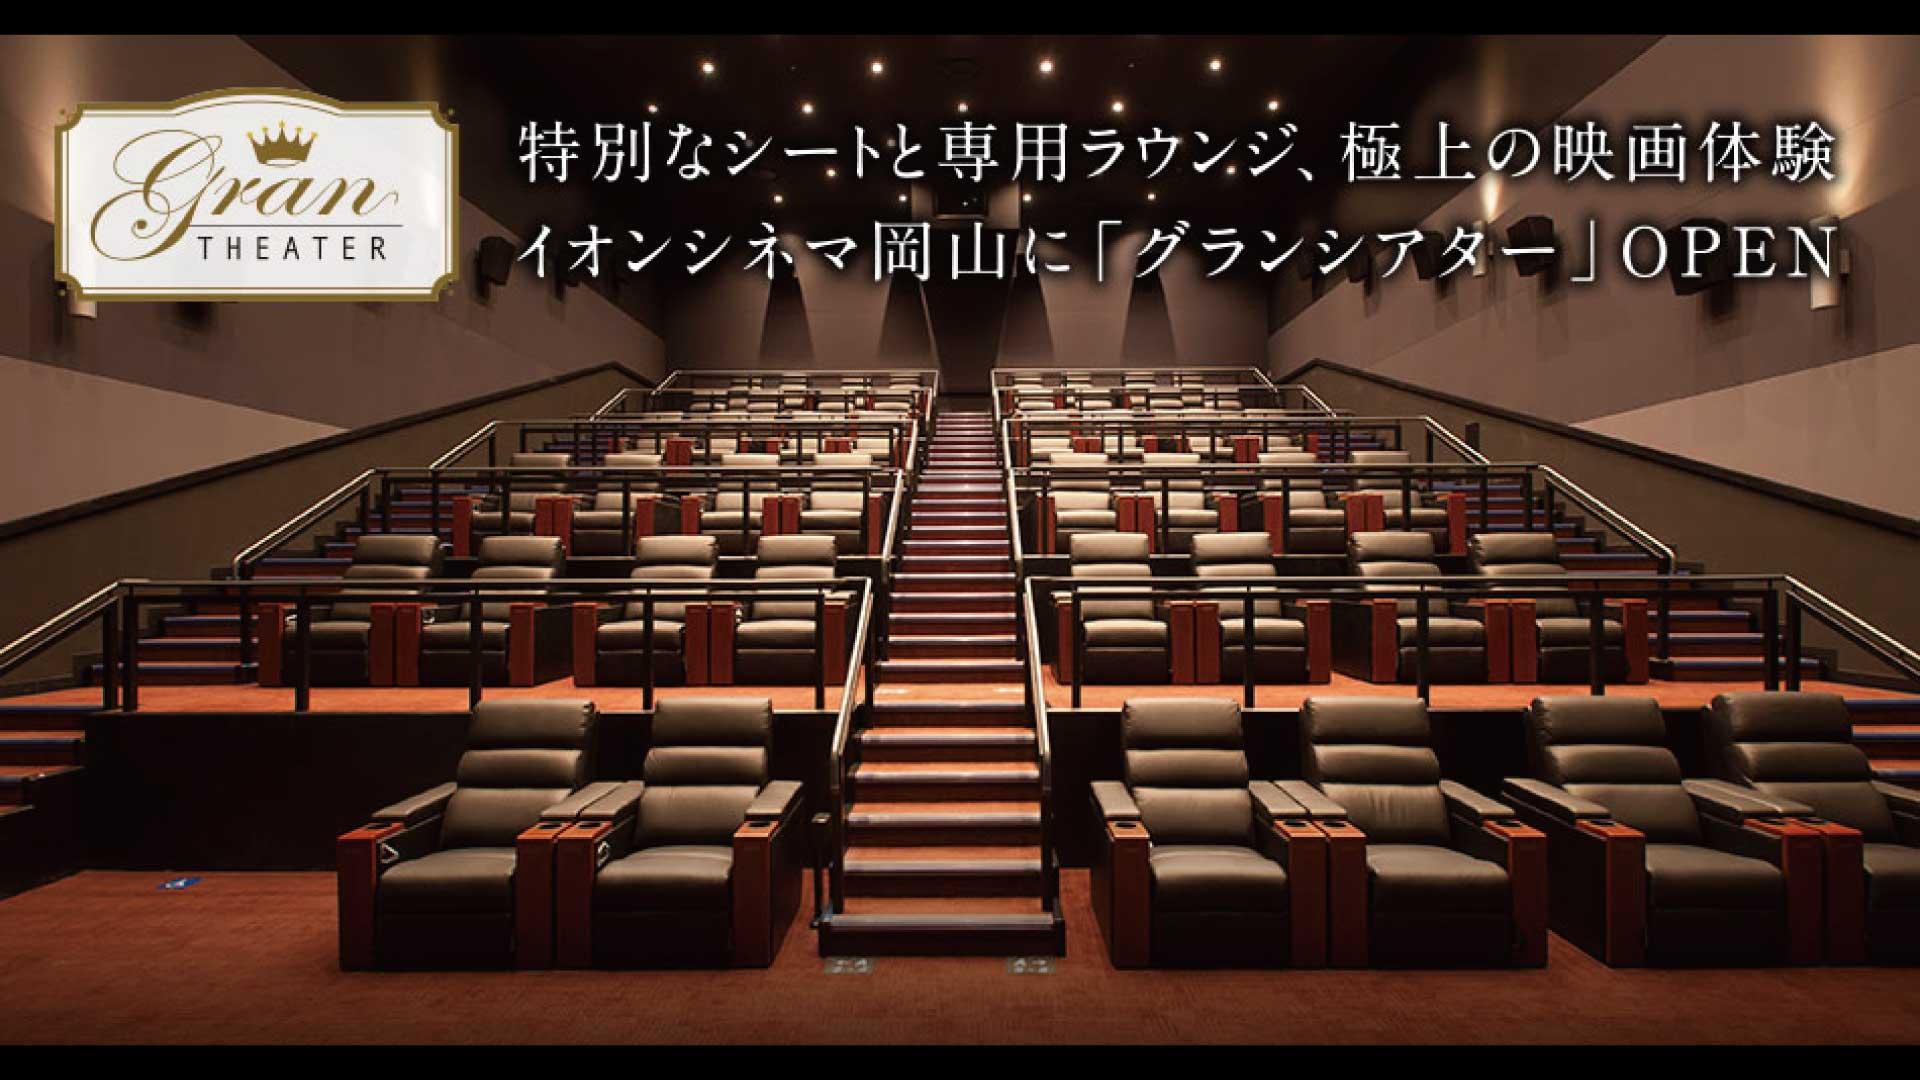 映画 岡山 イオン